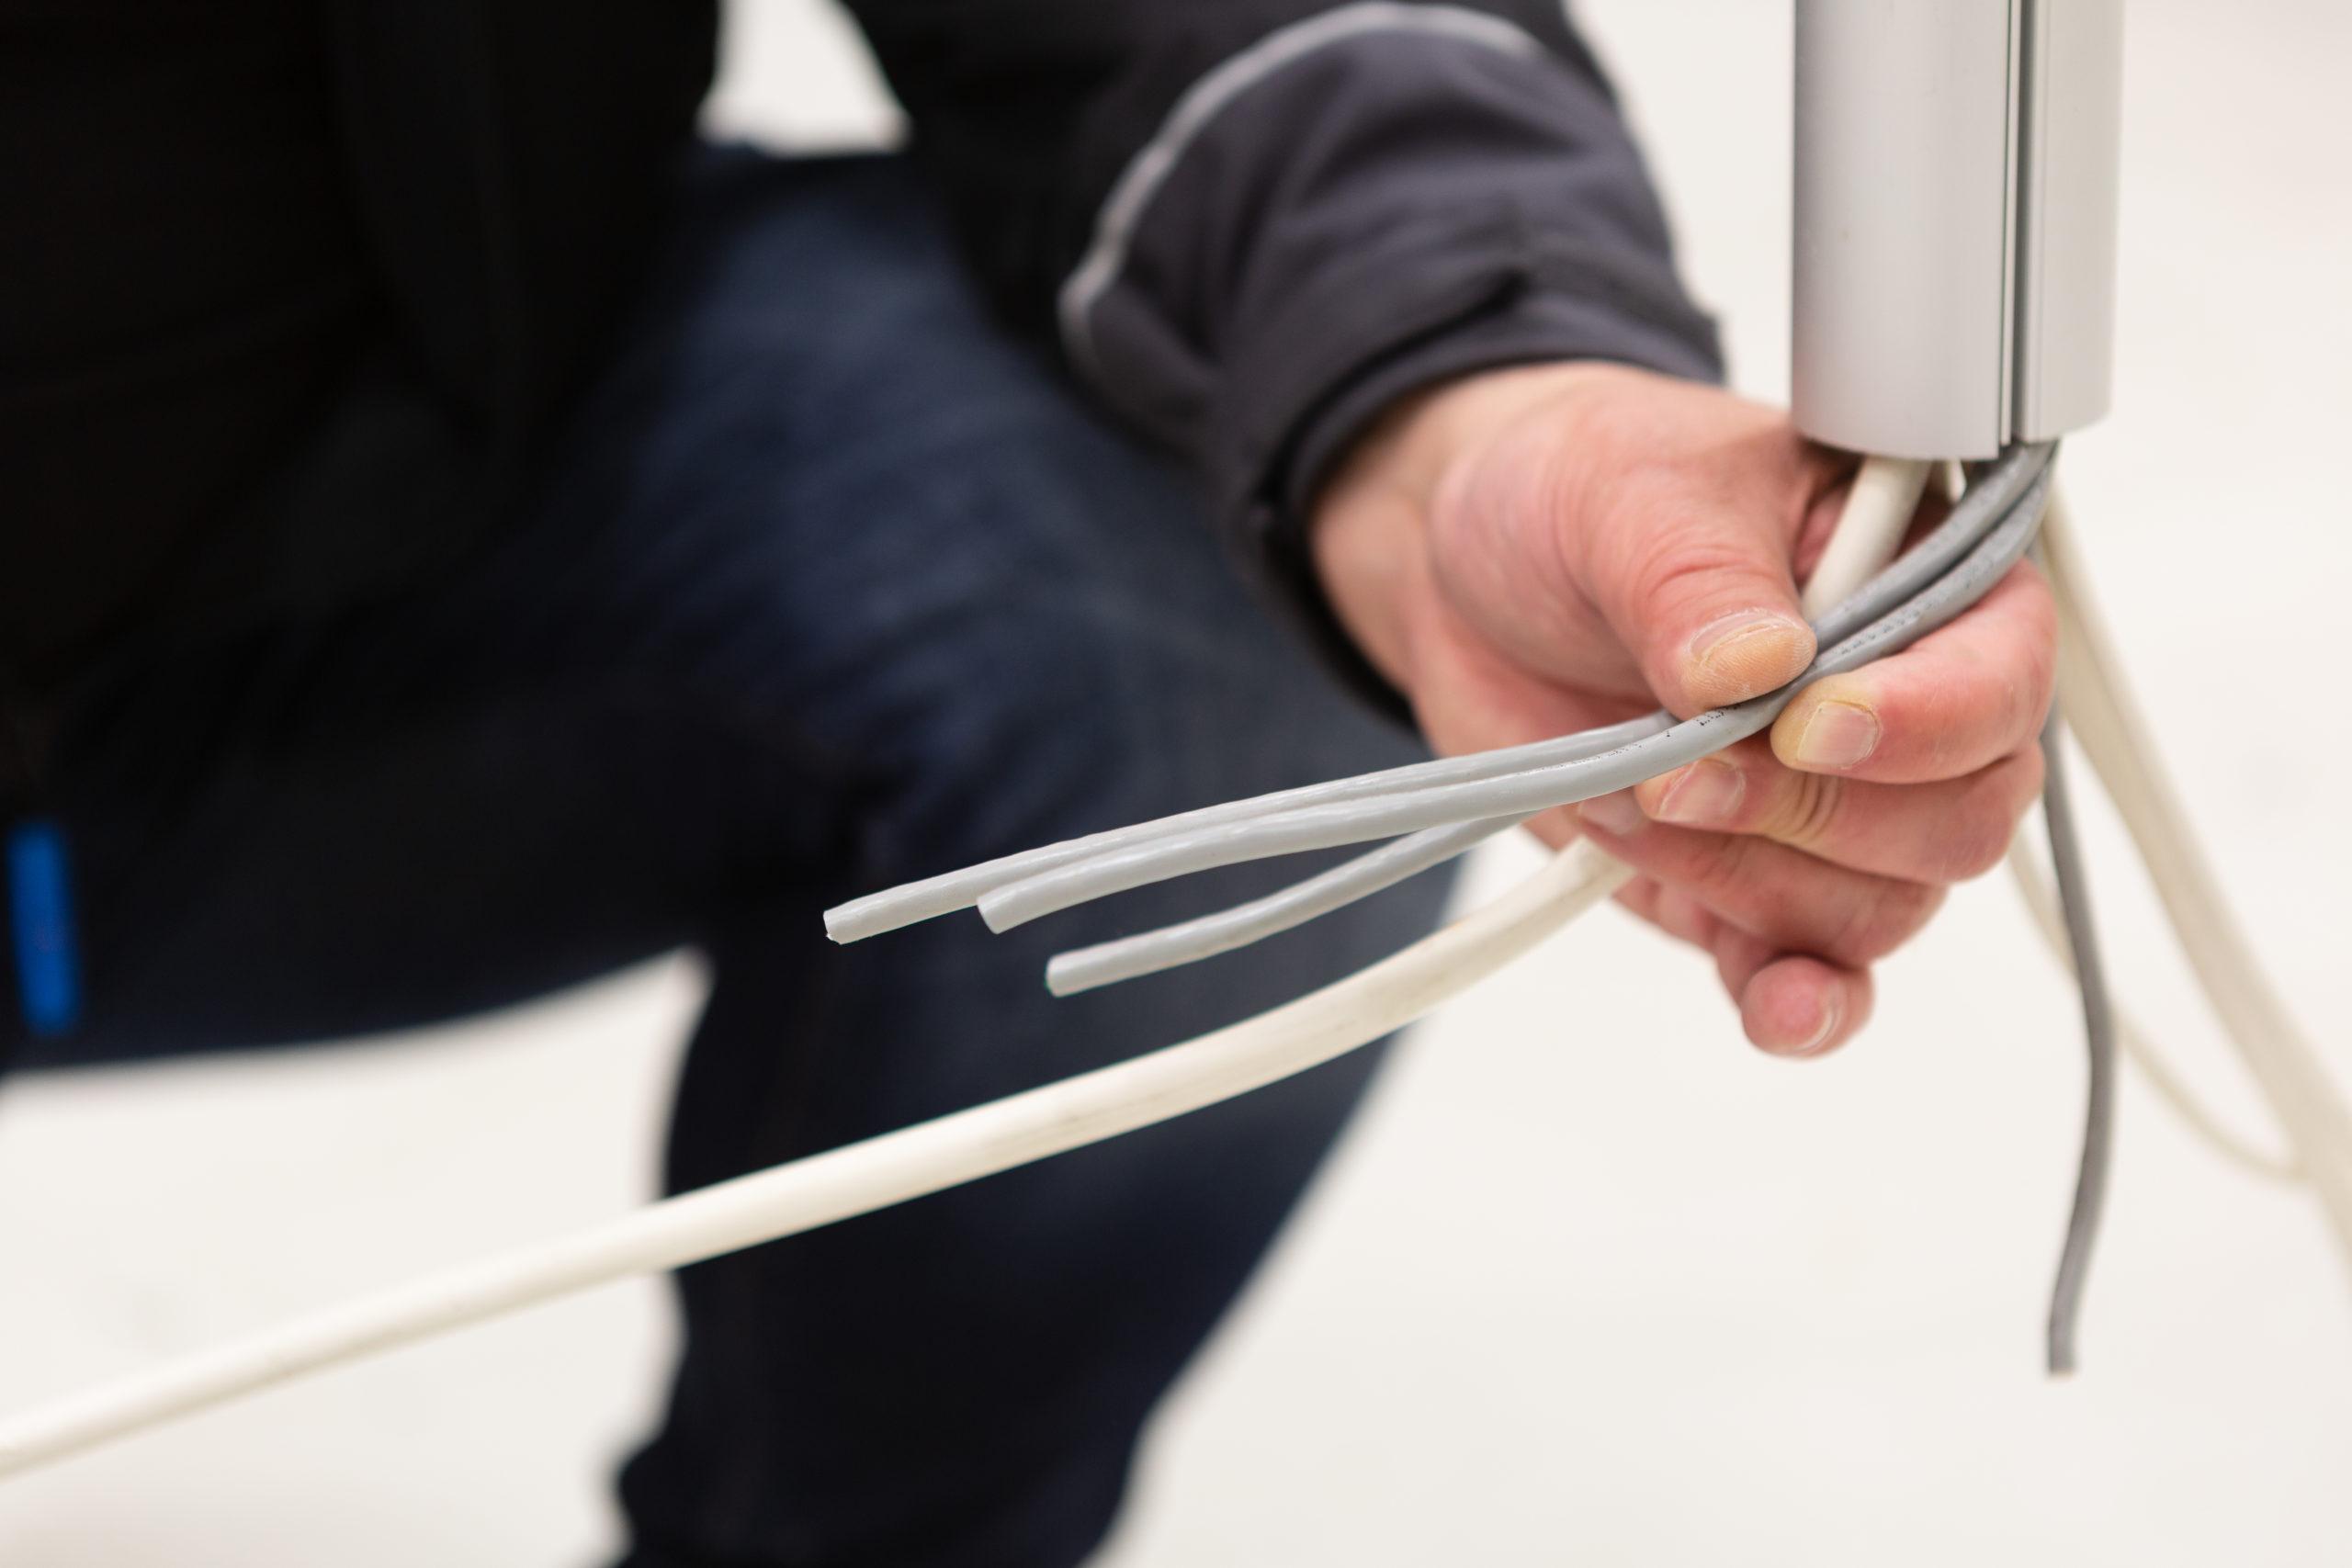 hånd holder et sett med ledninger på nært hold